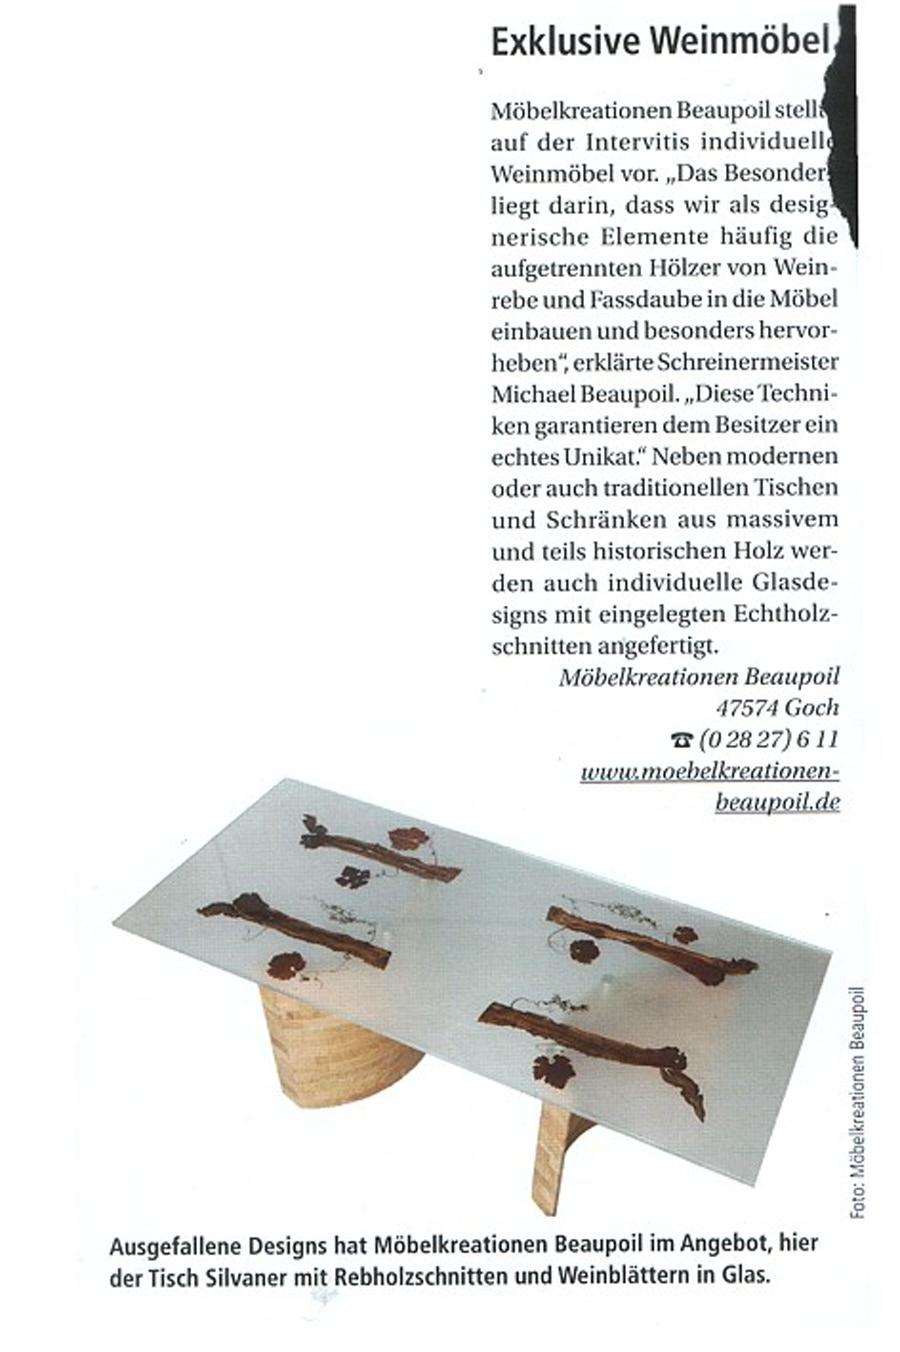 Pressebericht deutsches Weinmagazin, exklusive Weinmöbel Michael Beaupoil, besondere Unikate